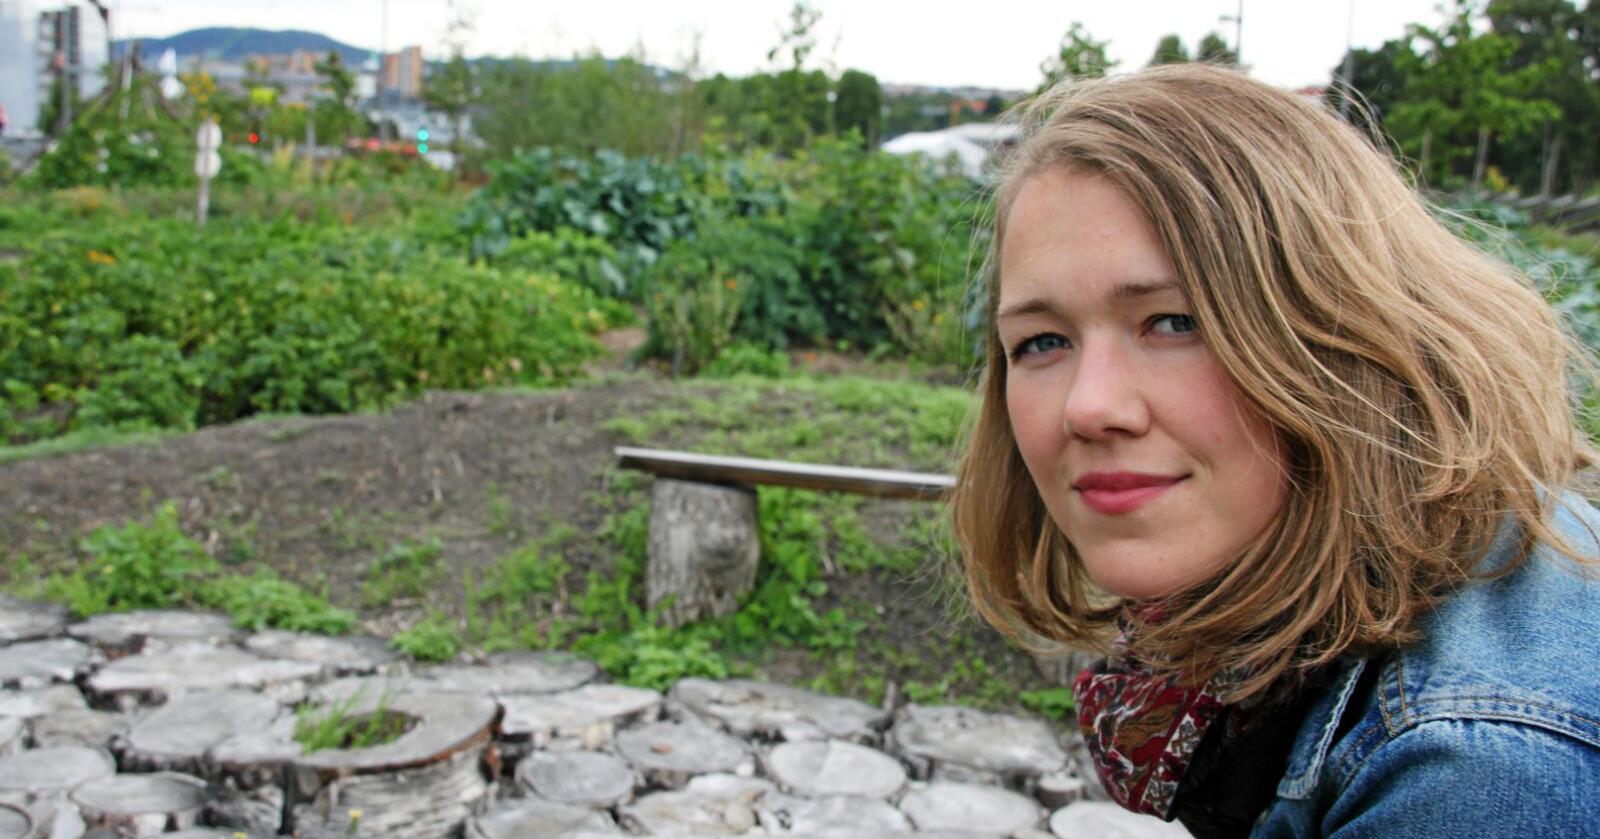 Kjøtt: Det er fullt mulig å øke beitebruken og kutte kjøttforbruket samtidig, skriver Une Aina Bastholm. Foto: Lars Bilit Hagen